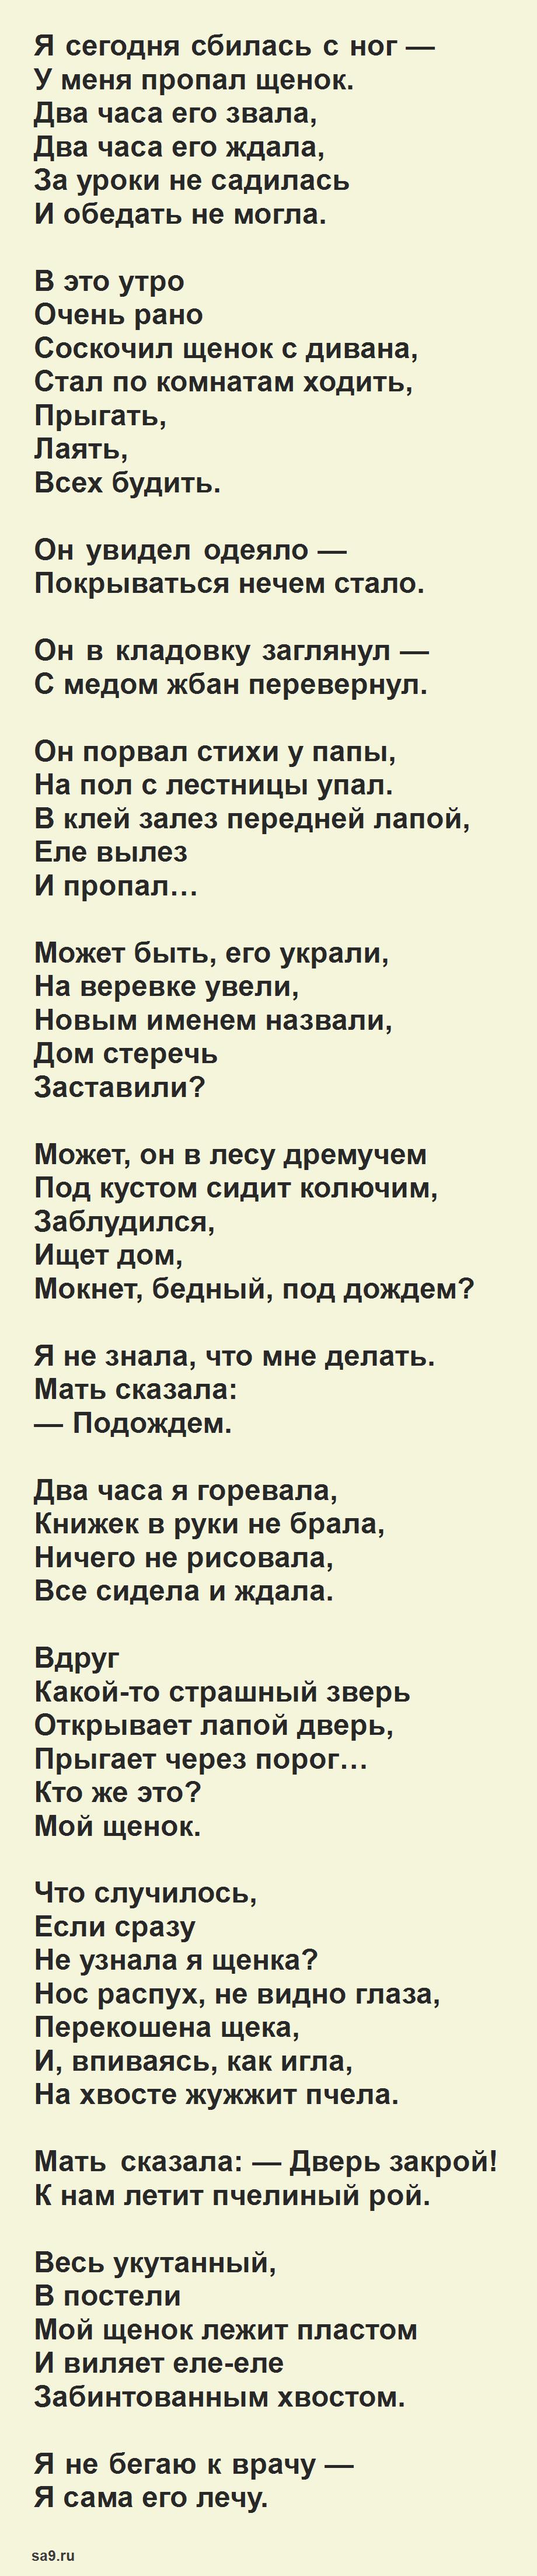 Стихи Сергея Михалкова - Мой щенок